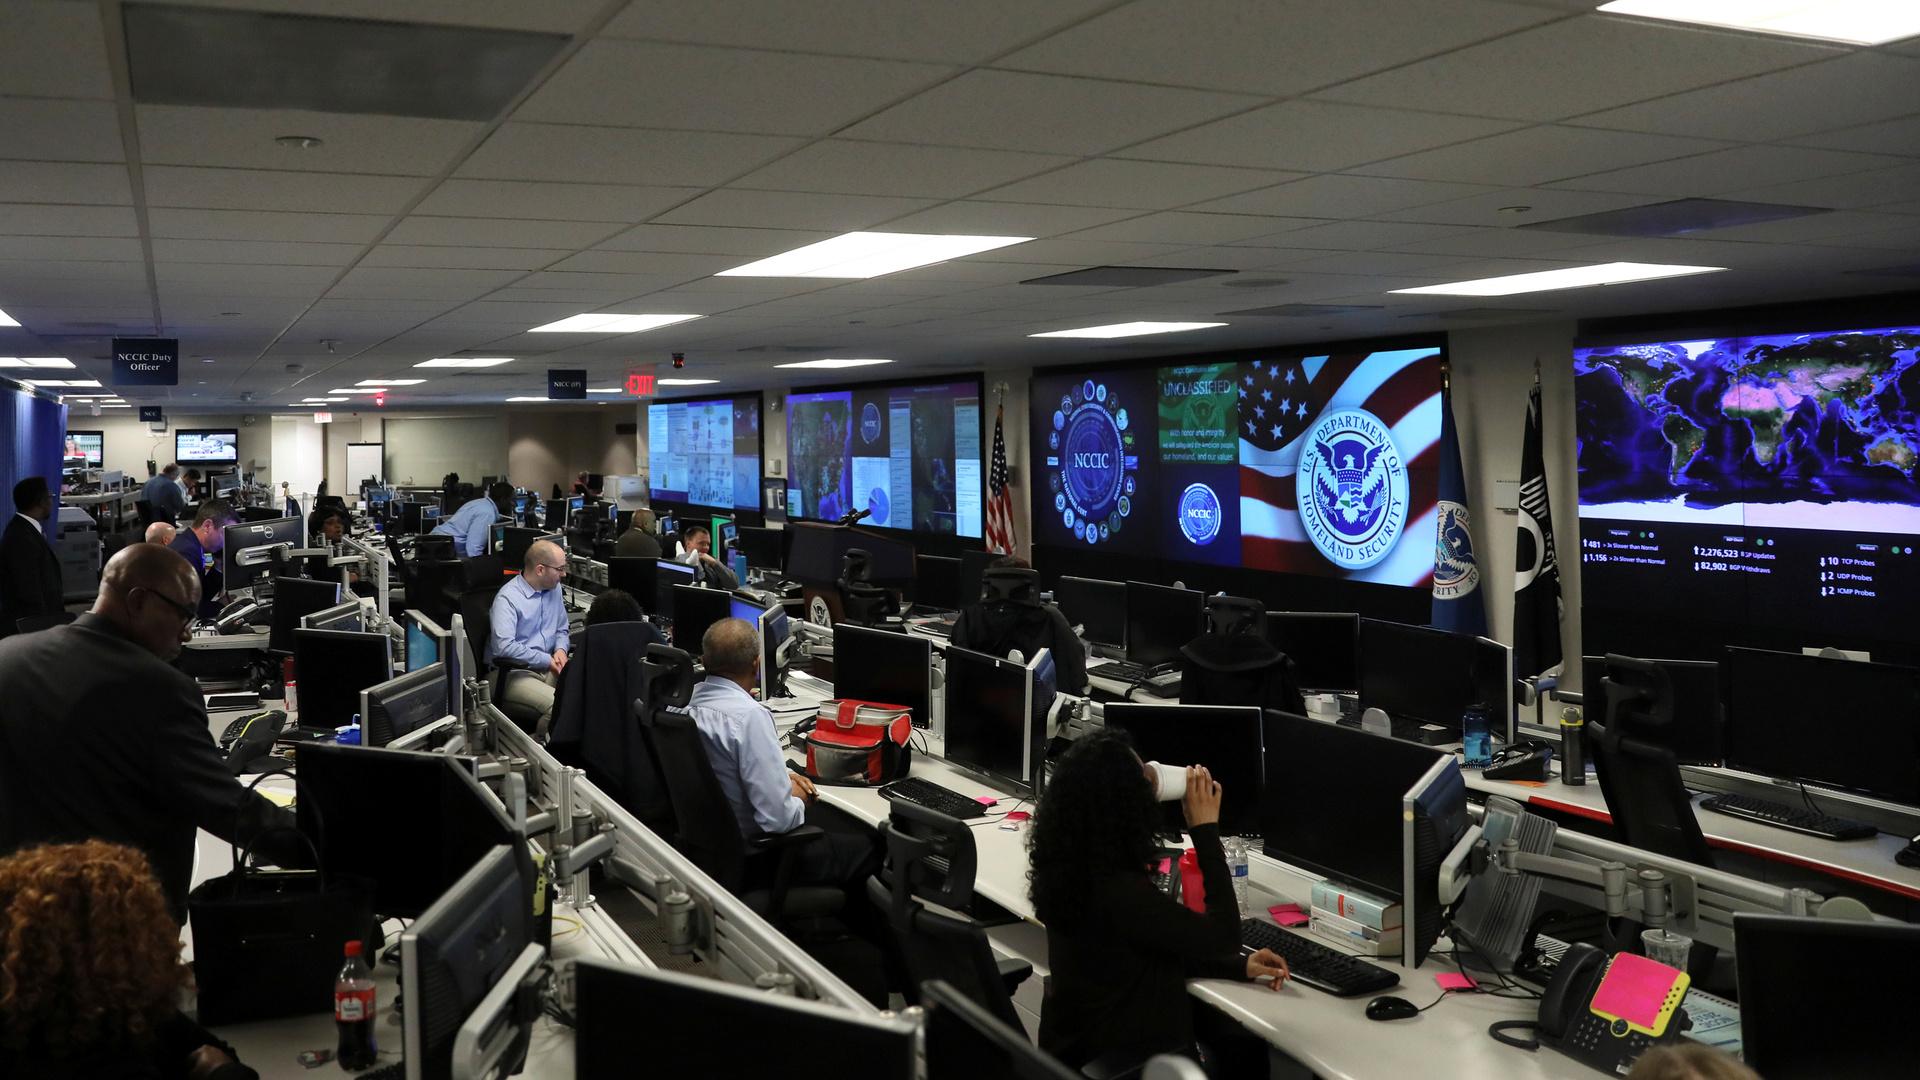 نيويورك تايمز: الولايات المتحدة تعتزم تنفيذ هجمات إلكترونية ضد مواقع روسية في الأسابيع المقبلة